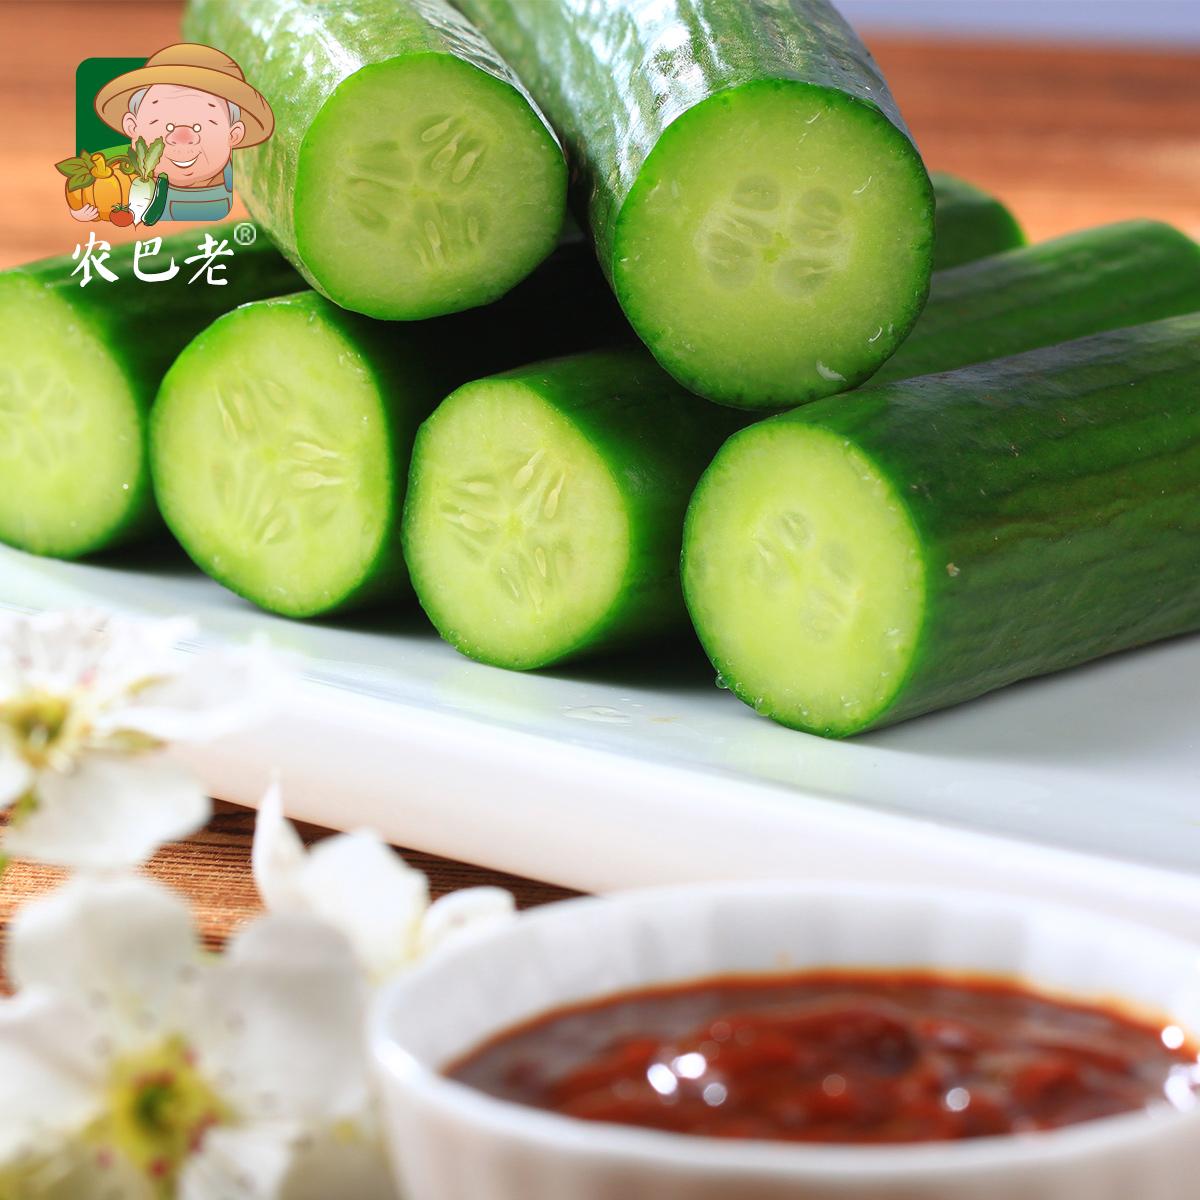 水果小黄瓜新鲜水果蔬菜无刺荷兰小黄瓜小青瓜可生吃现摘5斤装